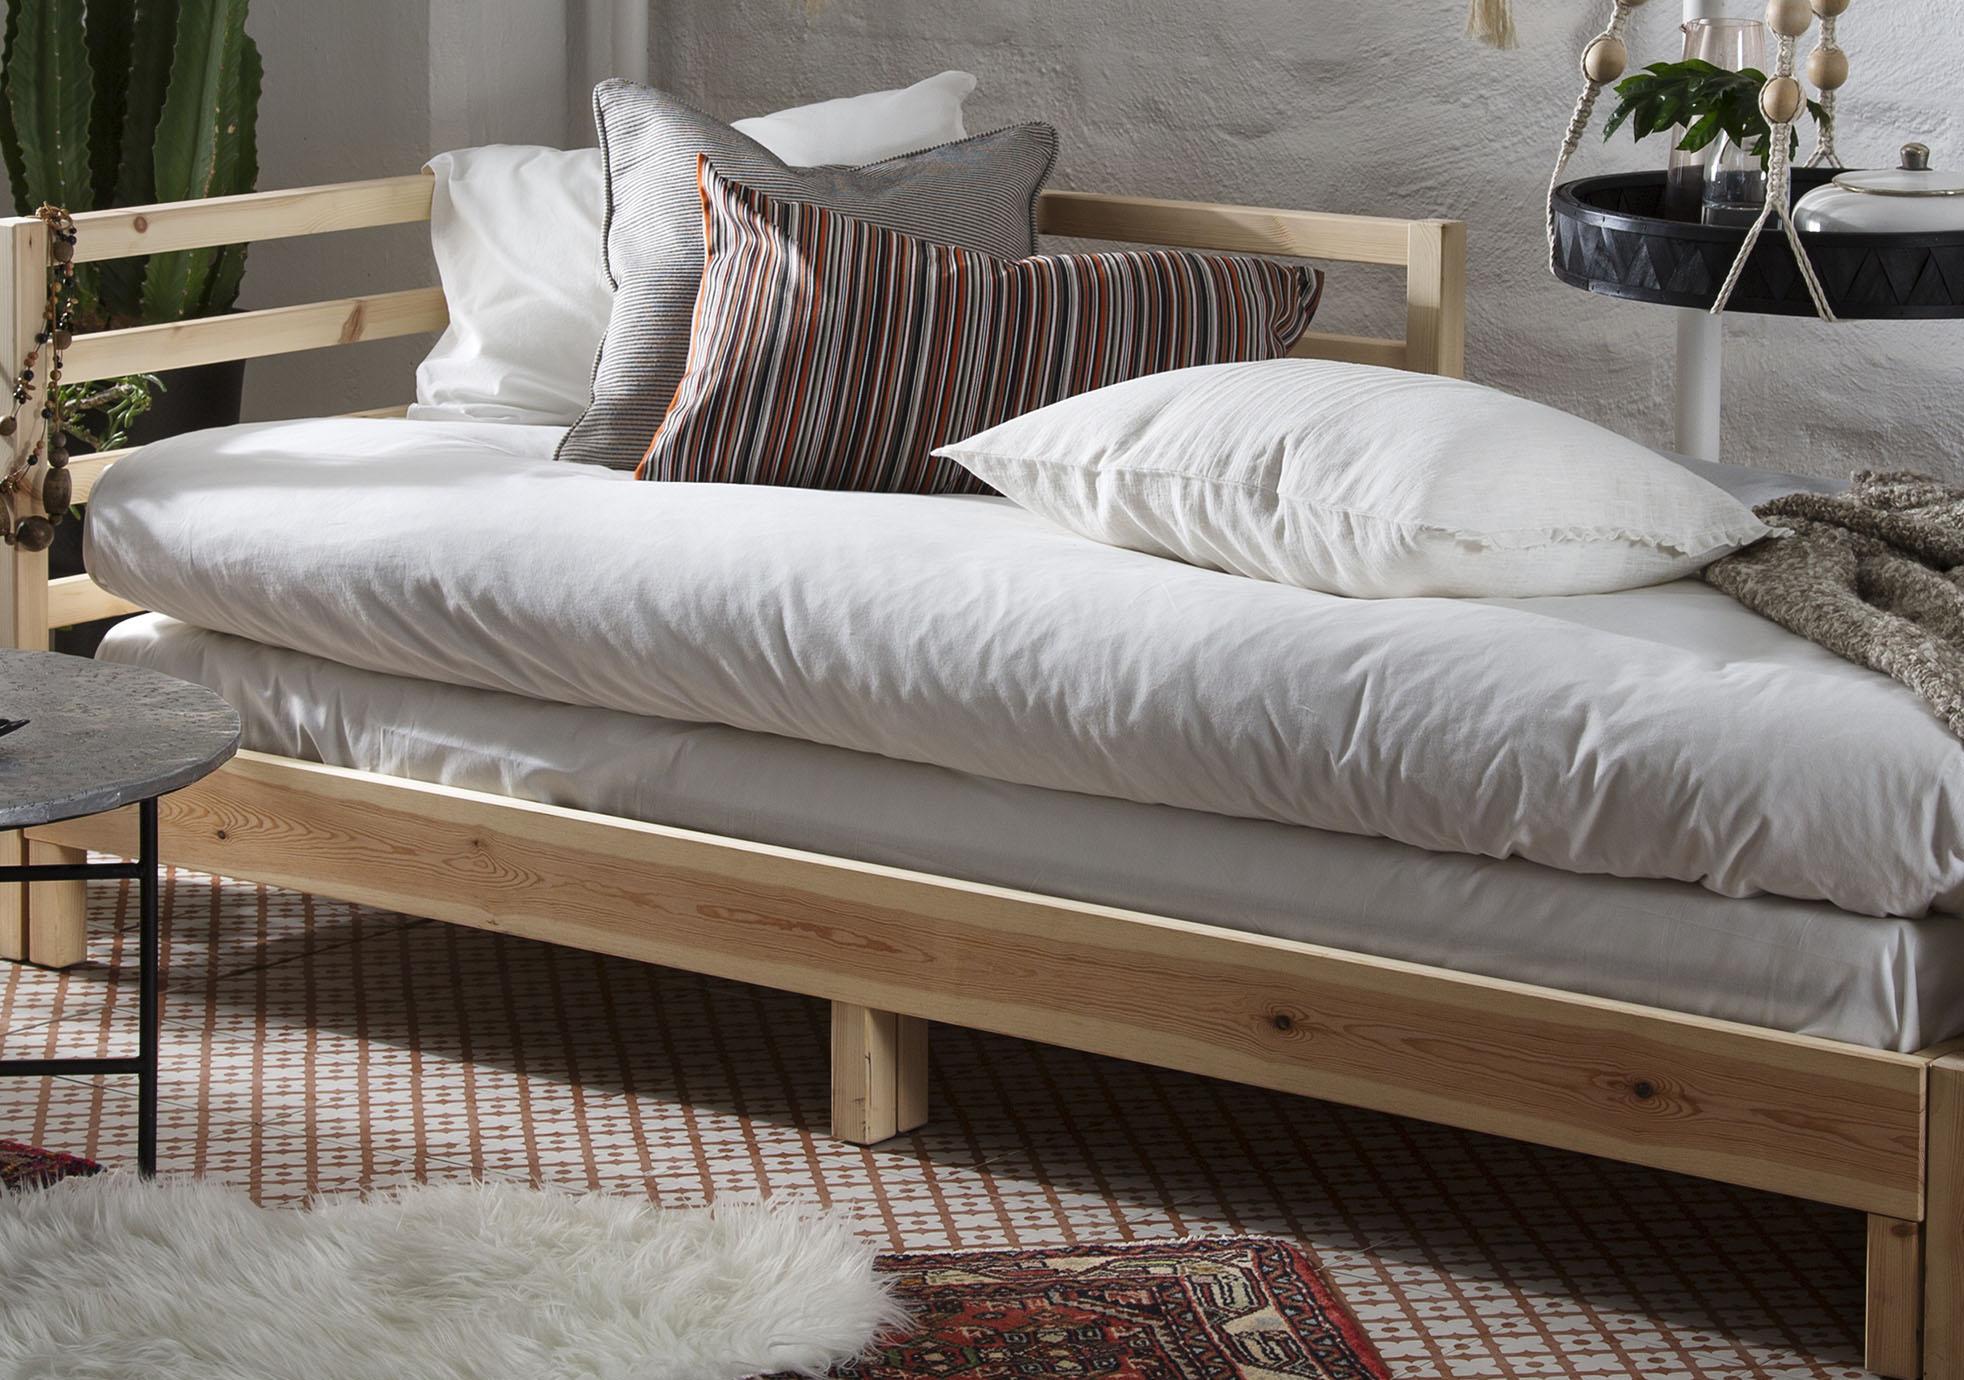 Herfstdip? IKEA zorgt voor een lange nazomer - Lifestylelady.nl